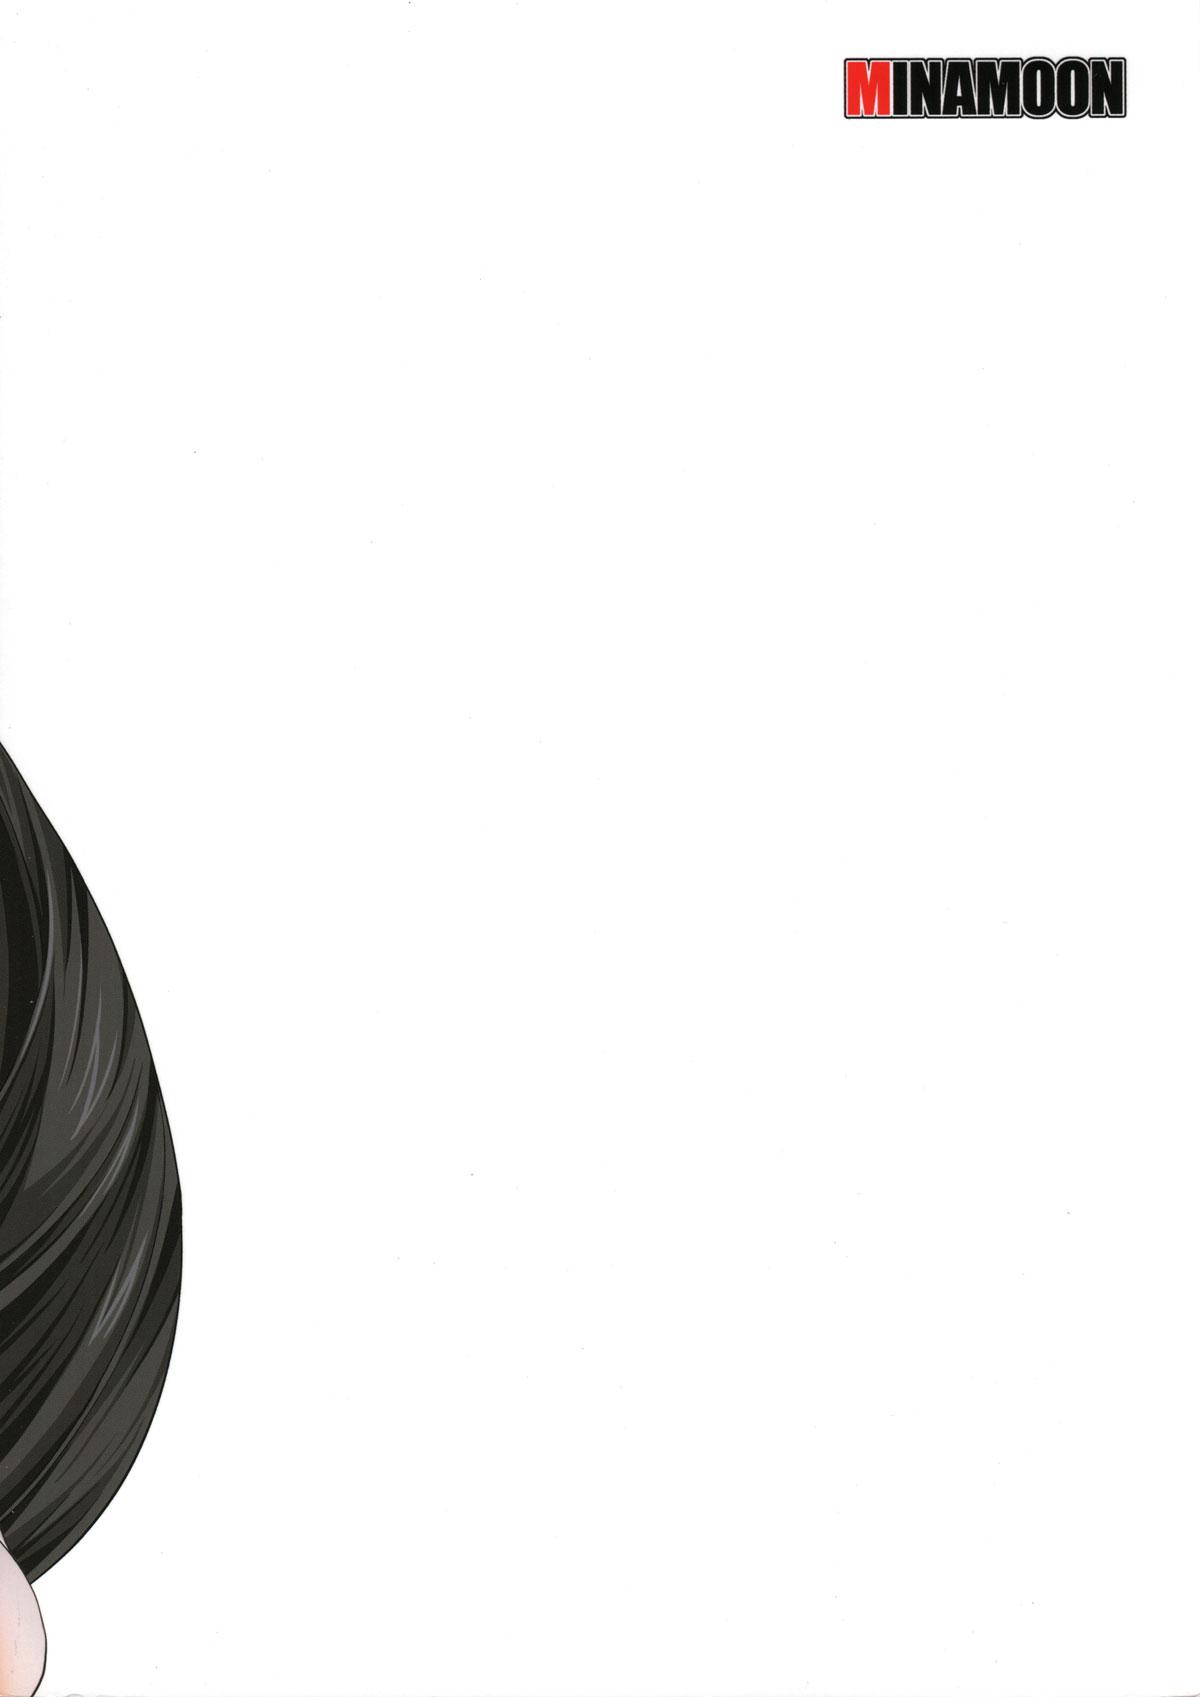 【エロ漫画・エロ同人】巨乳女子校生が用務員に拘束されてレイプされてるw中出しセックスでイカされまくって調教開始www (34)